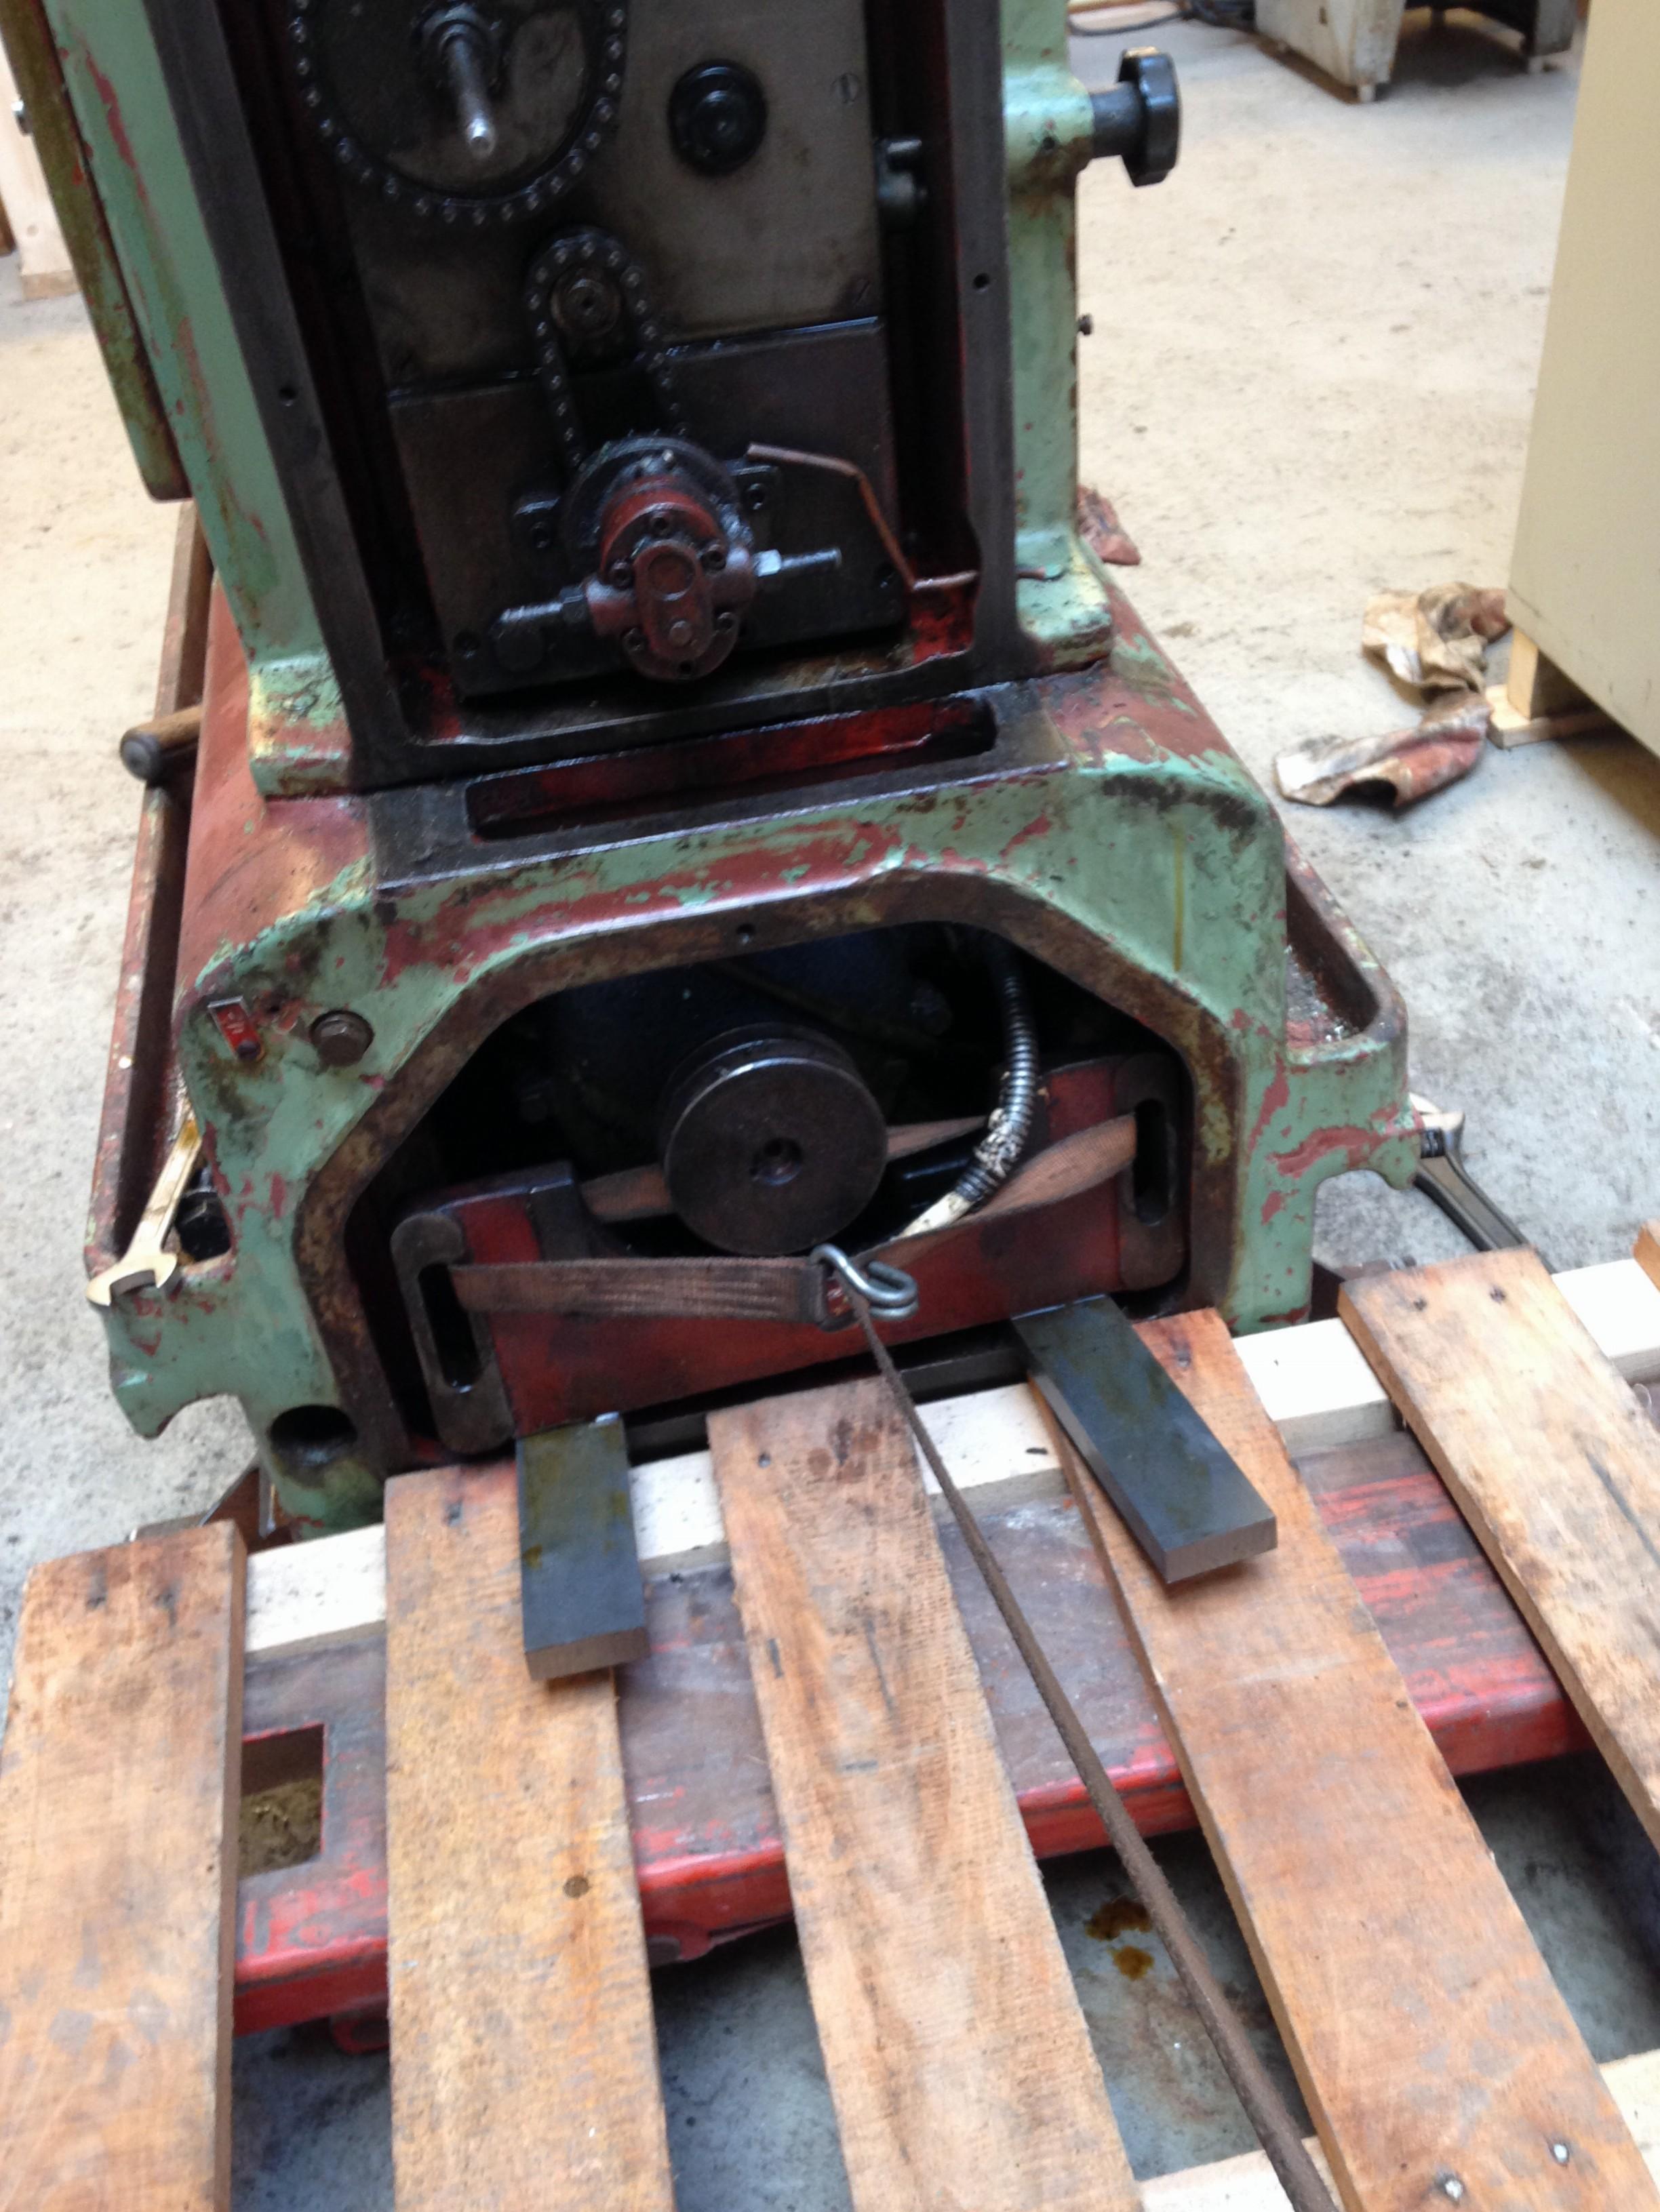 De elektromotor wordt ook schoongemaakt en nagekeken. De slede trek ik over twee stalen strips naar buiten.